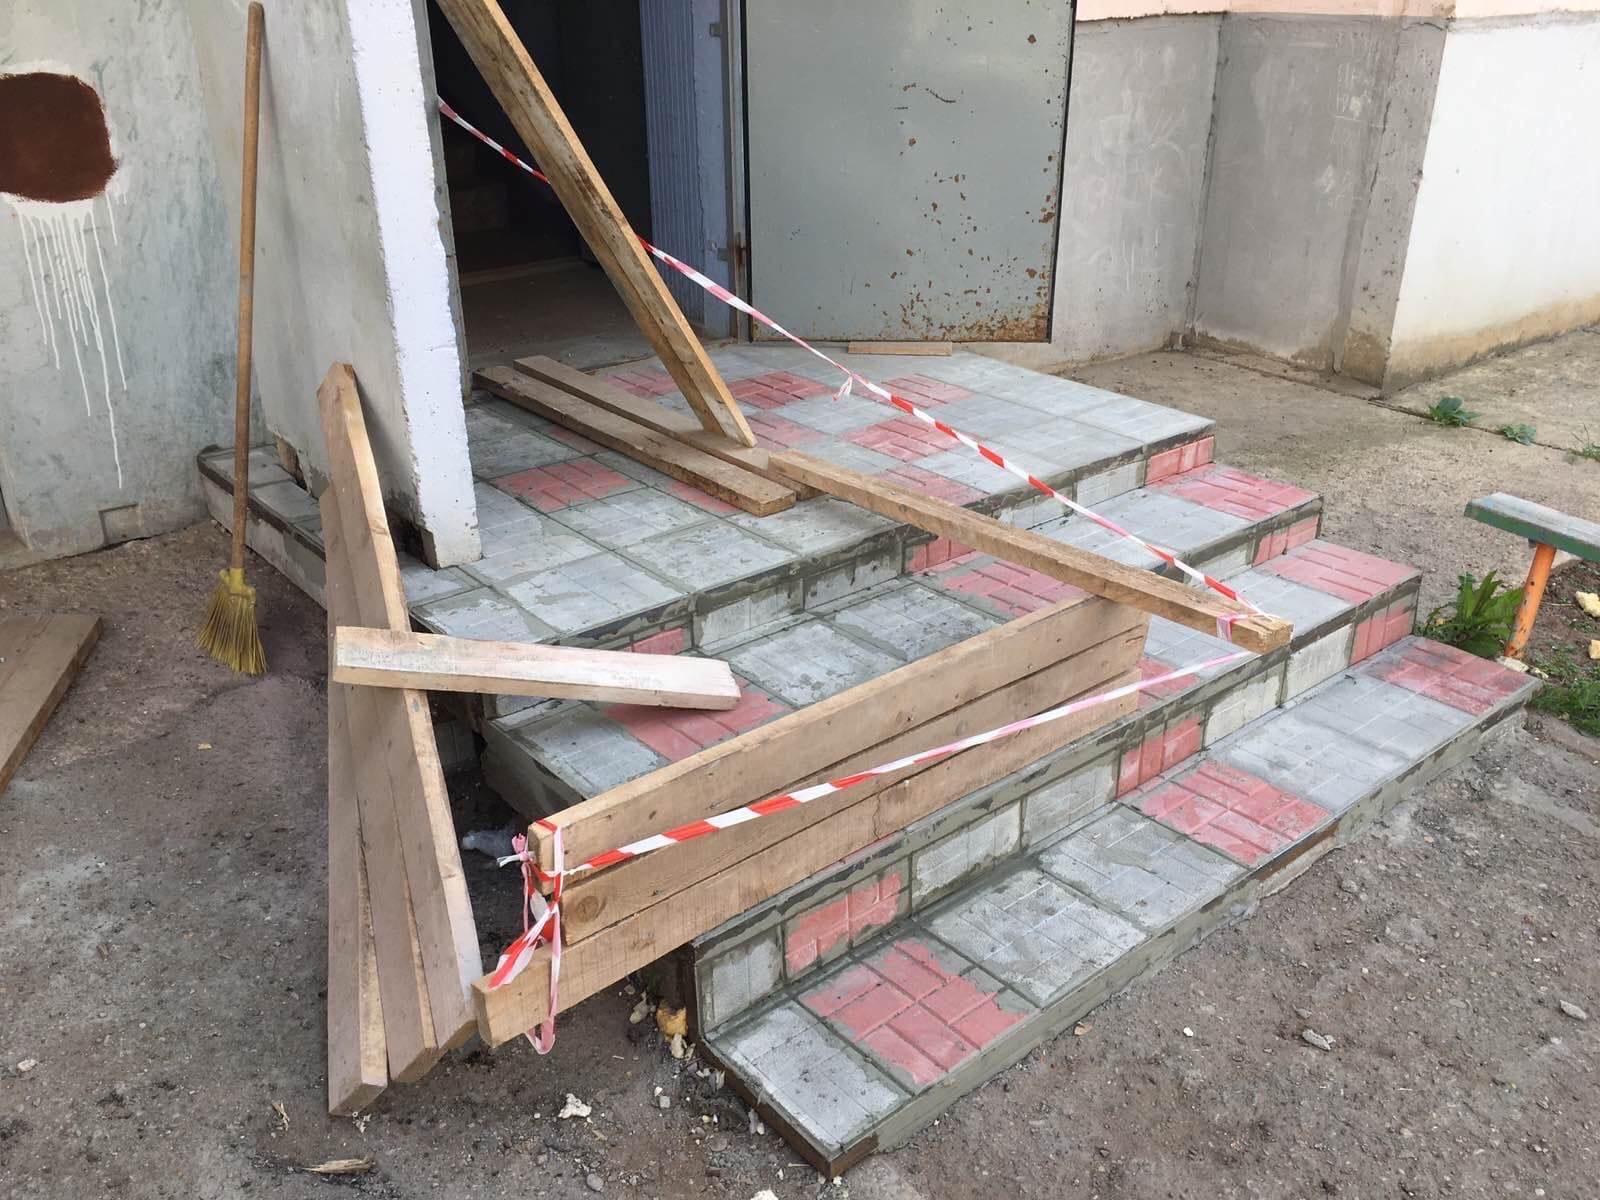 Строителей дом 9/1 ремонт крылечка 2 подъезд